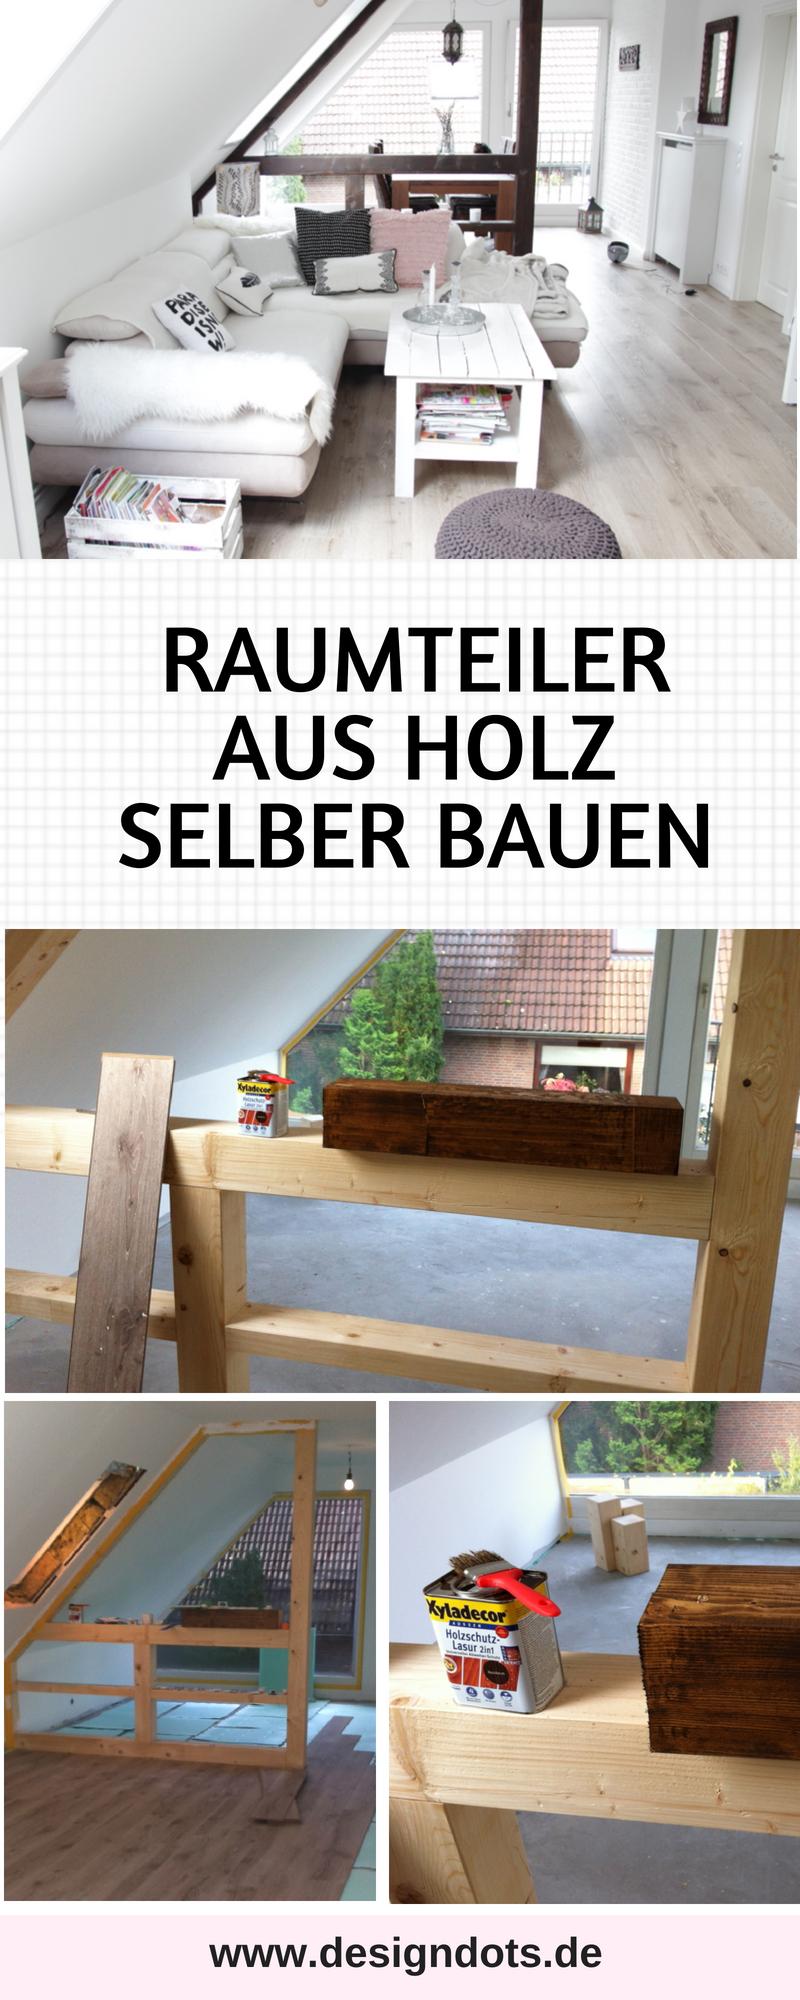 Raumteiler Balken Fachwerk Selber Bauen